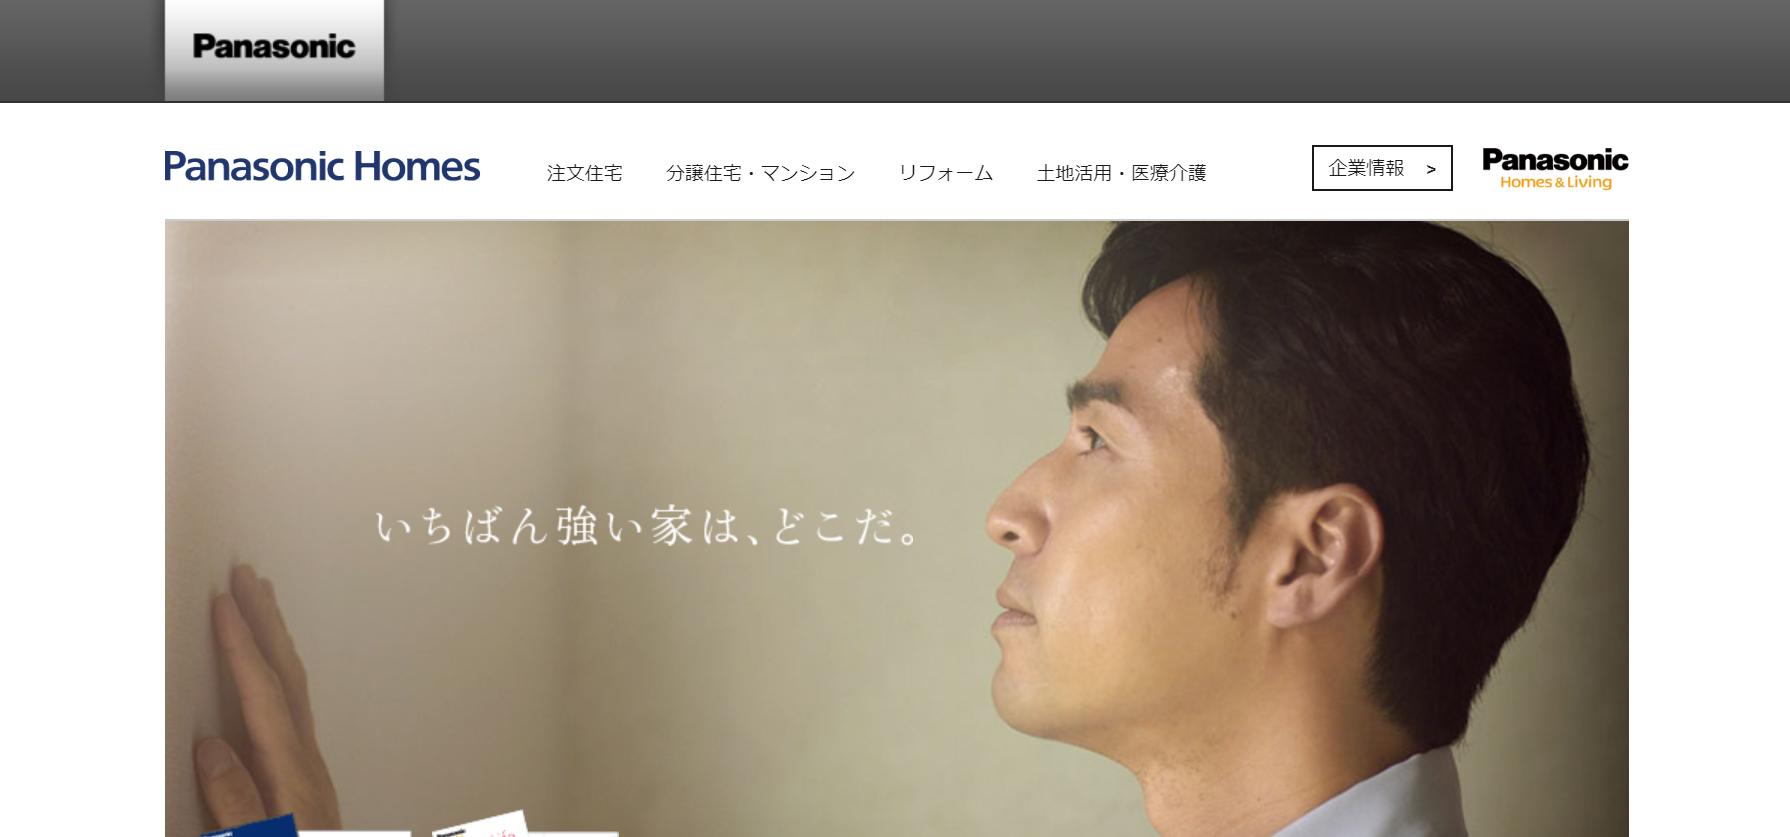 パナソニックホームズの評判・口コミ【40代男性/神奈川】